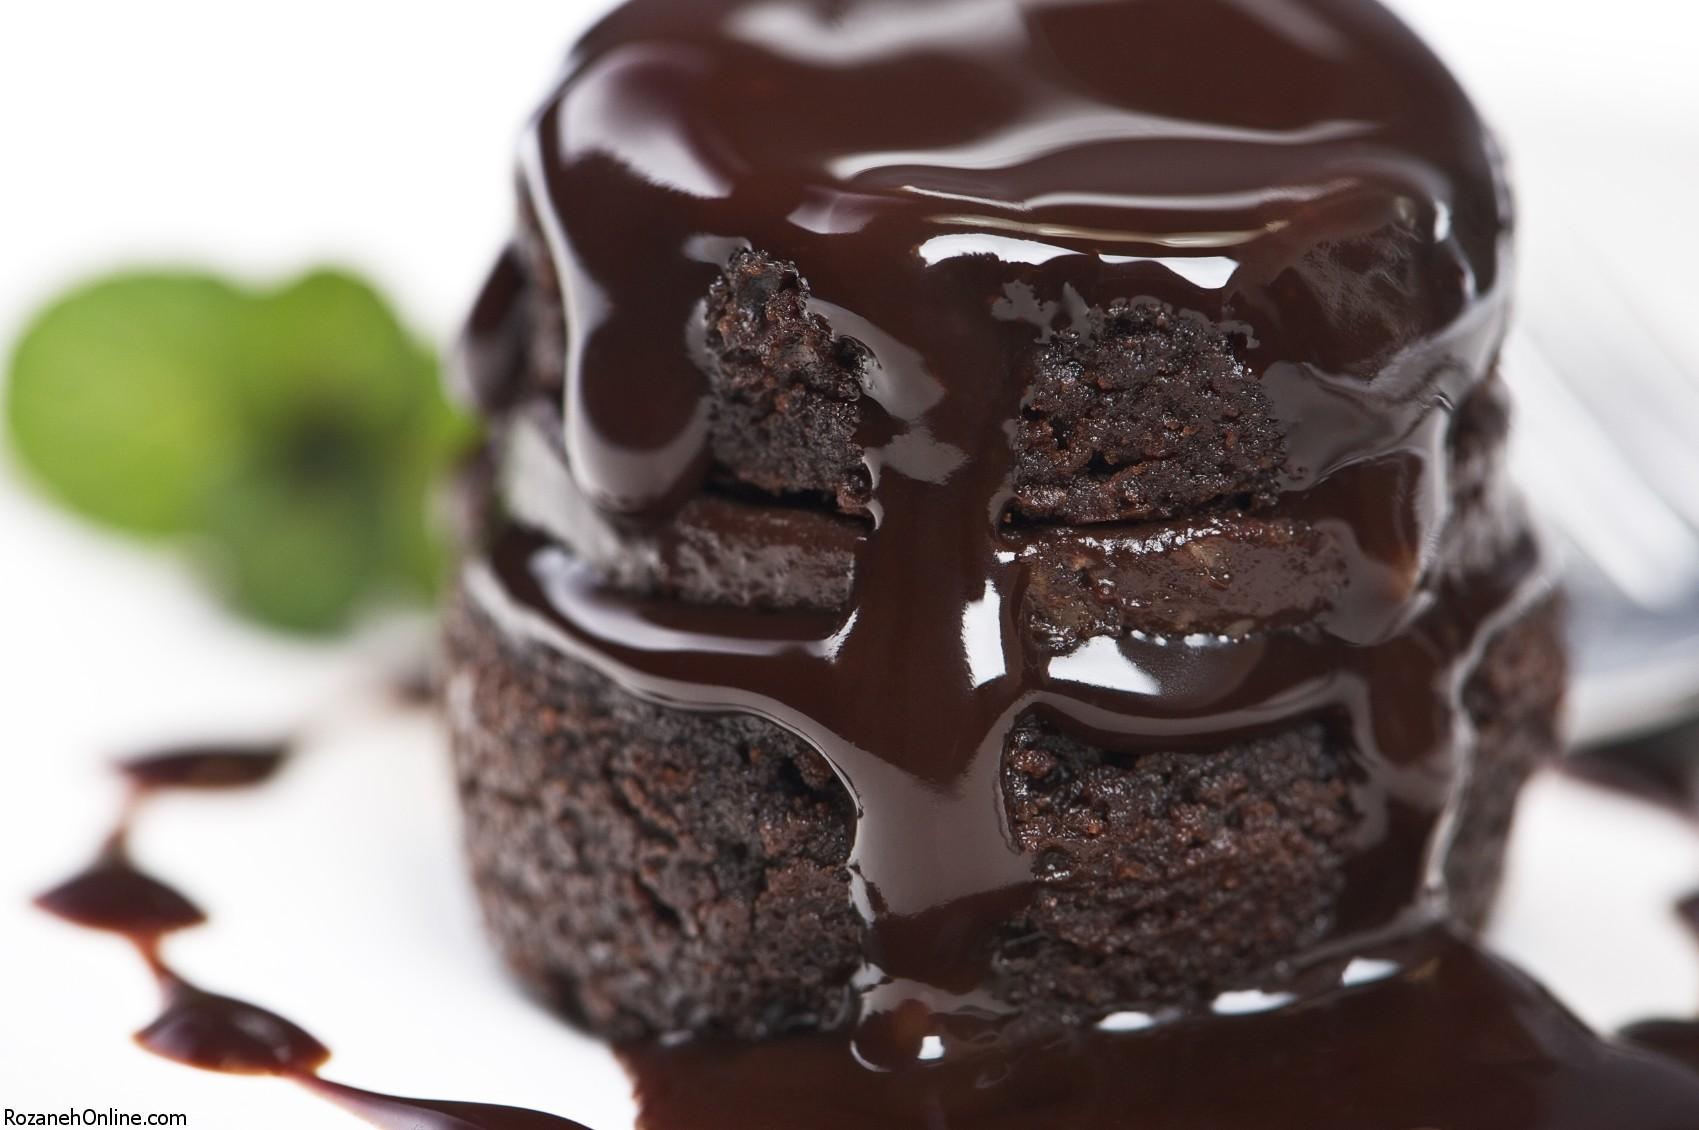 آموزش کیک شکلاتی بسیار آسان ویژه خانم های شاغل